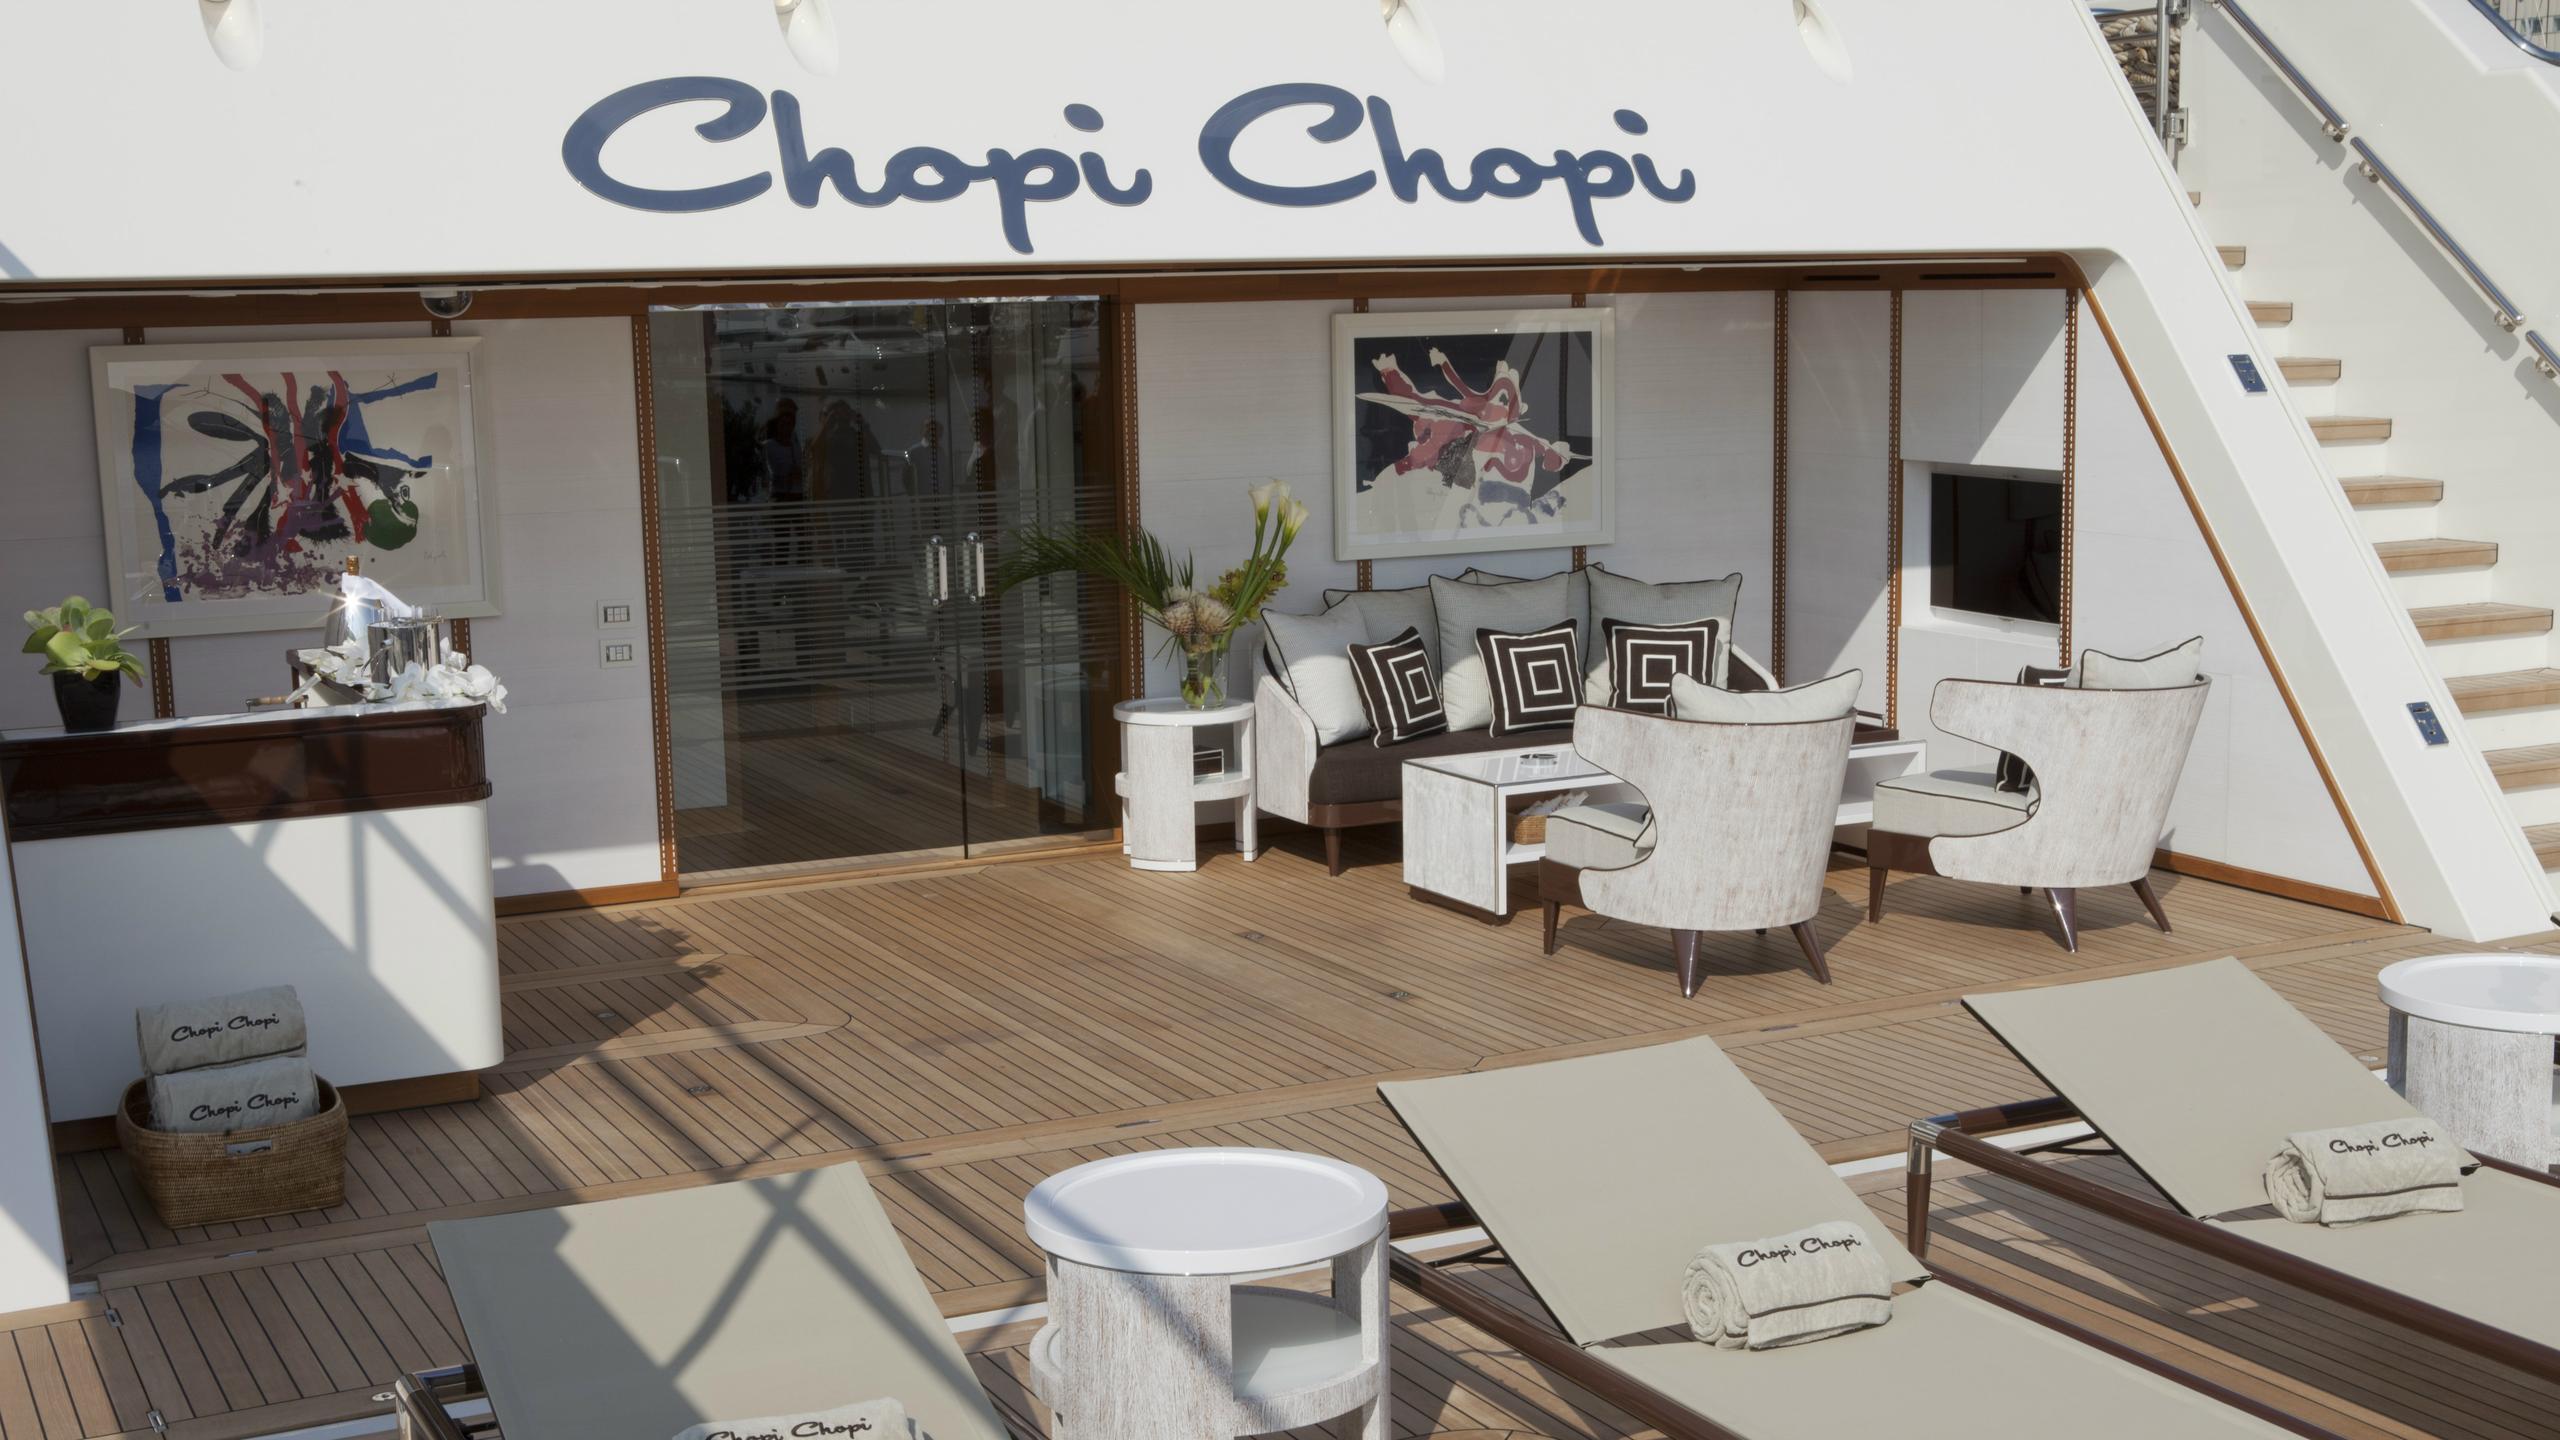 chopi-chopi-motor-yacht-crn-2013-80m-beach-club